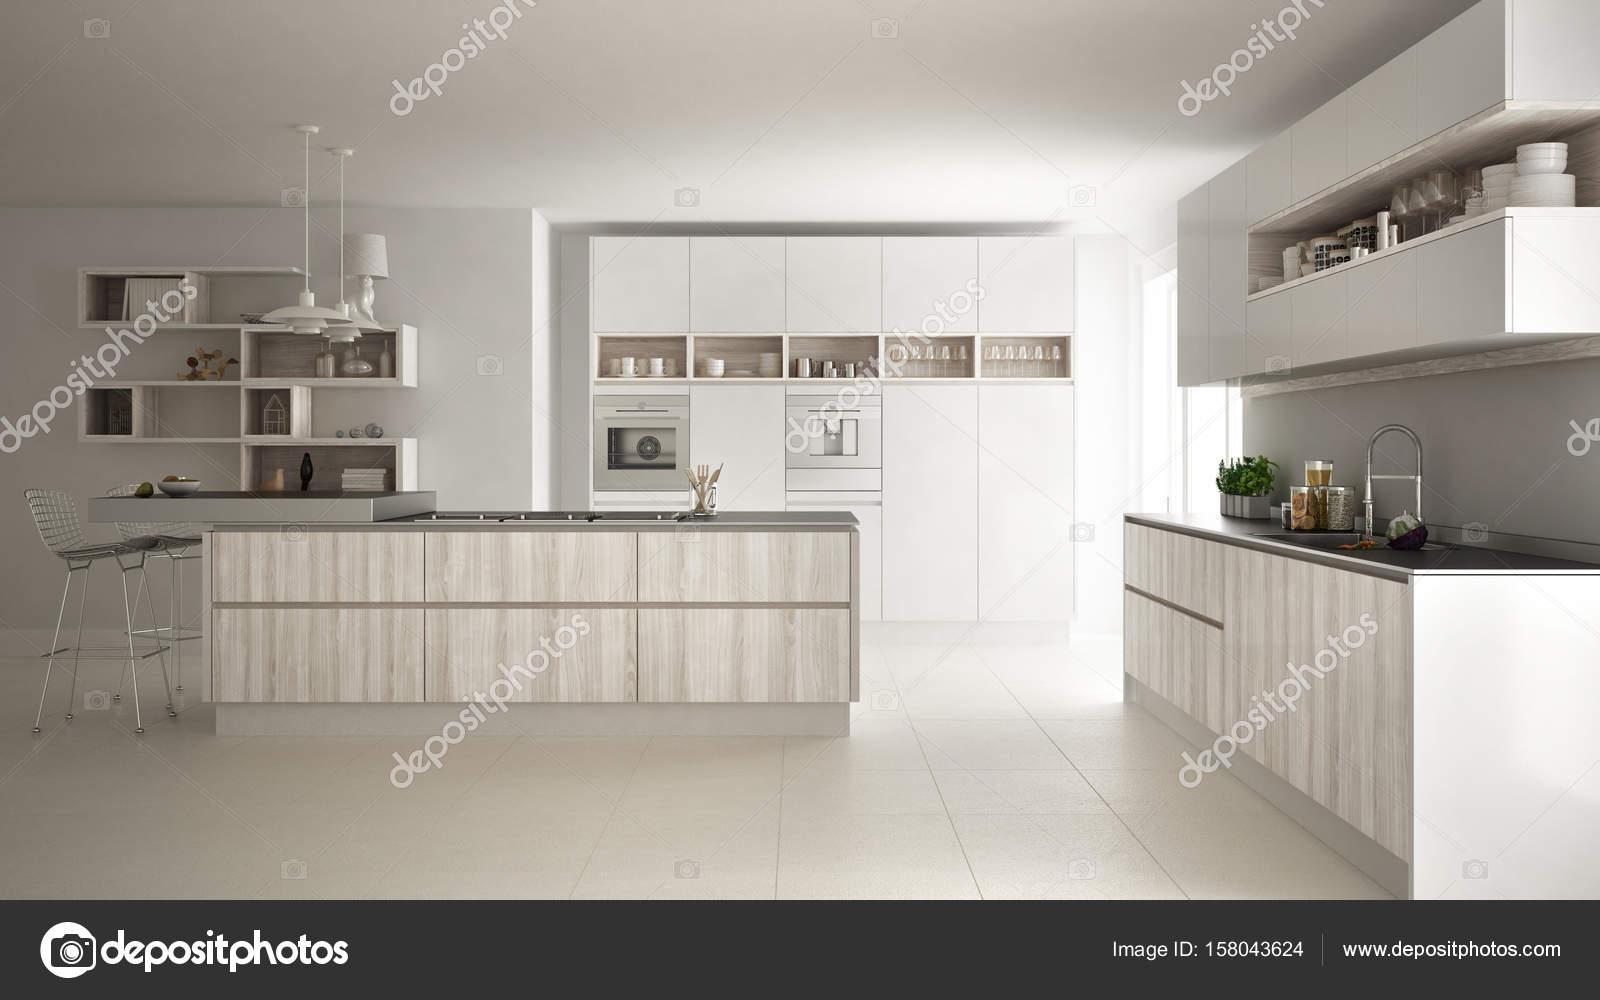 Moderna Cozinha Branca Com Detalhes Em Madeira E Brancos